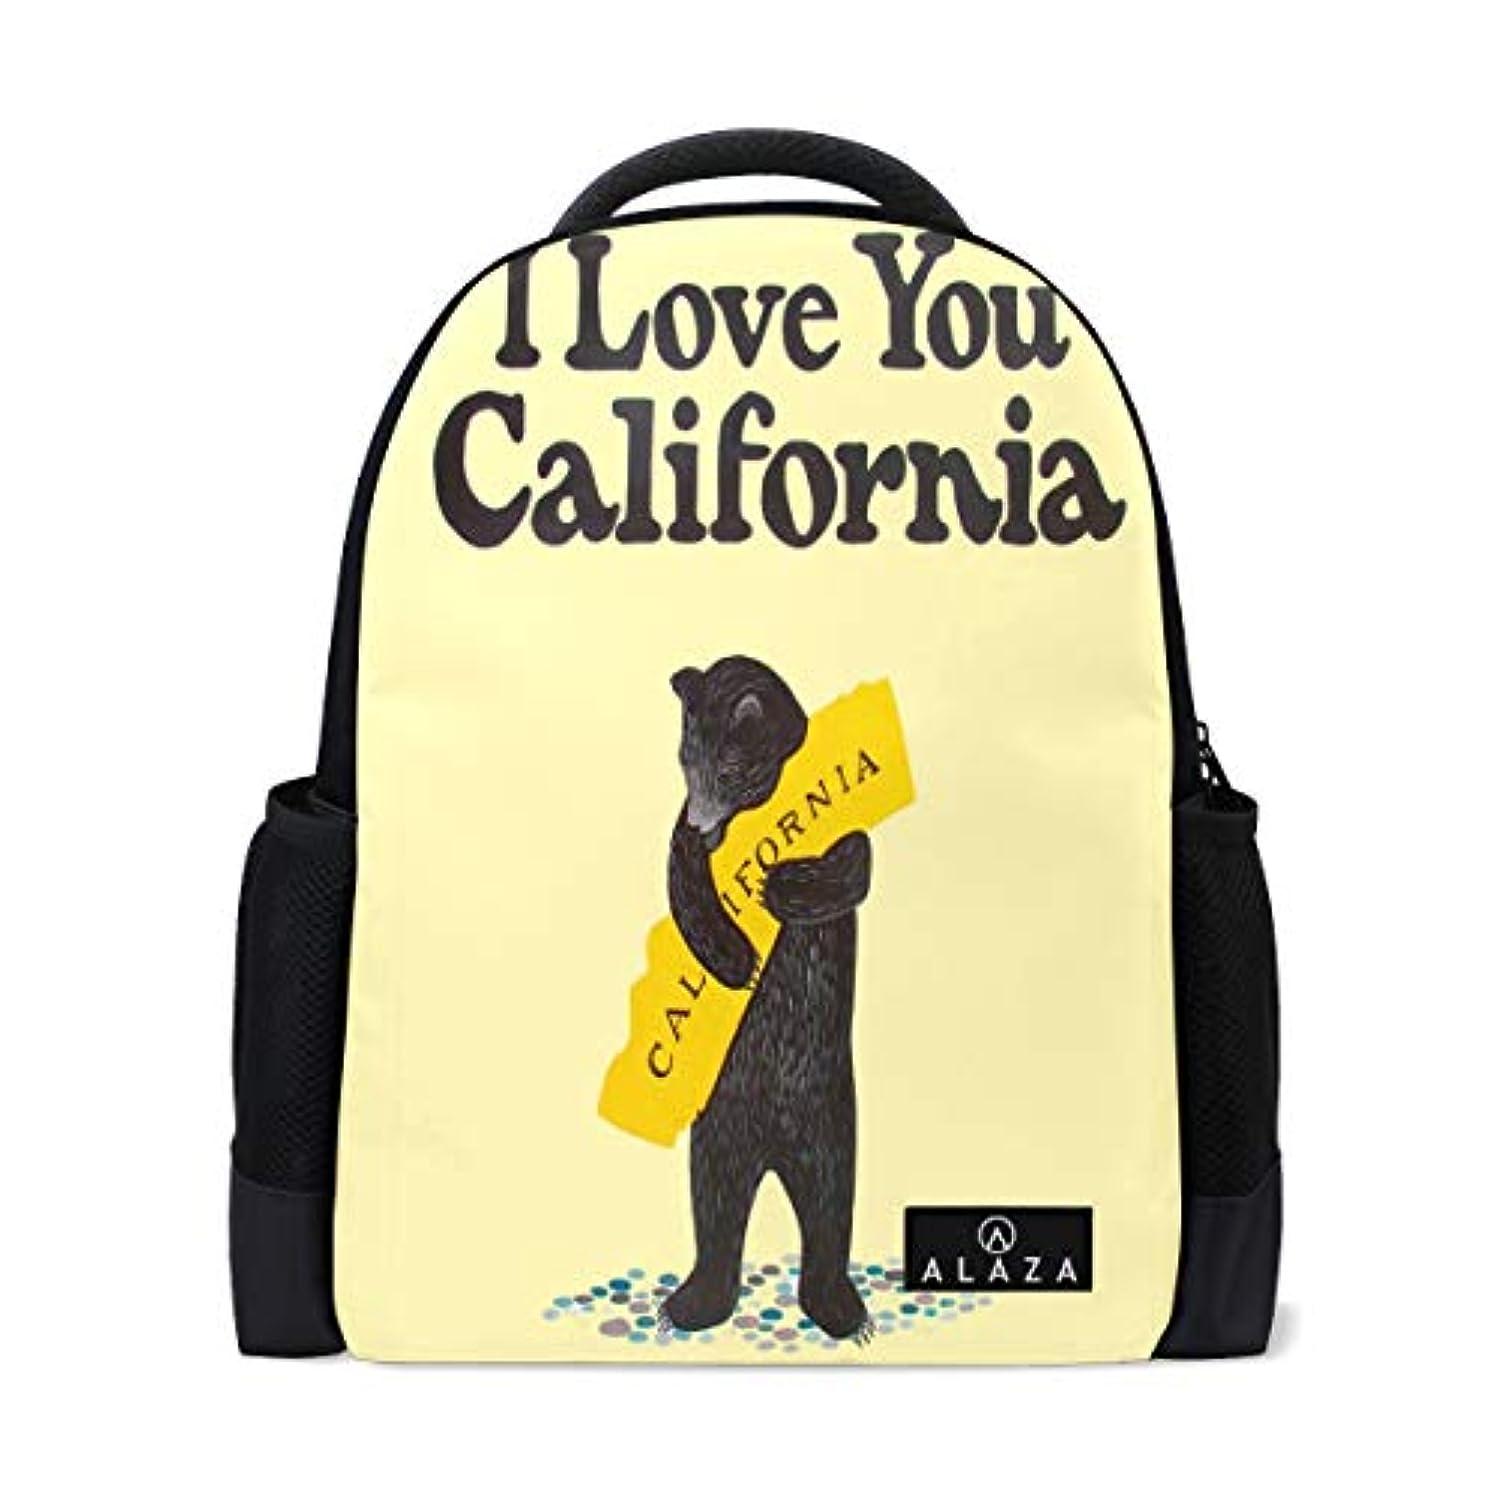 明らかにいつかうねるI Love California くま リュックバック 大容量 防水 アウトドア 登山 旅行 通学 可愛い ファッション バックパック 防水 軽量 多機能 男女通用 遠足 通学 旅行 人気